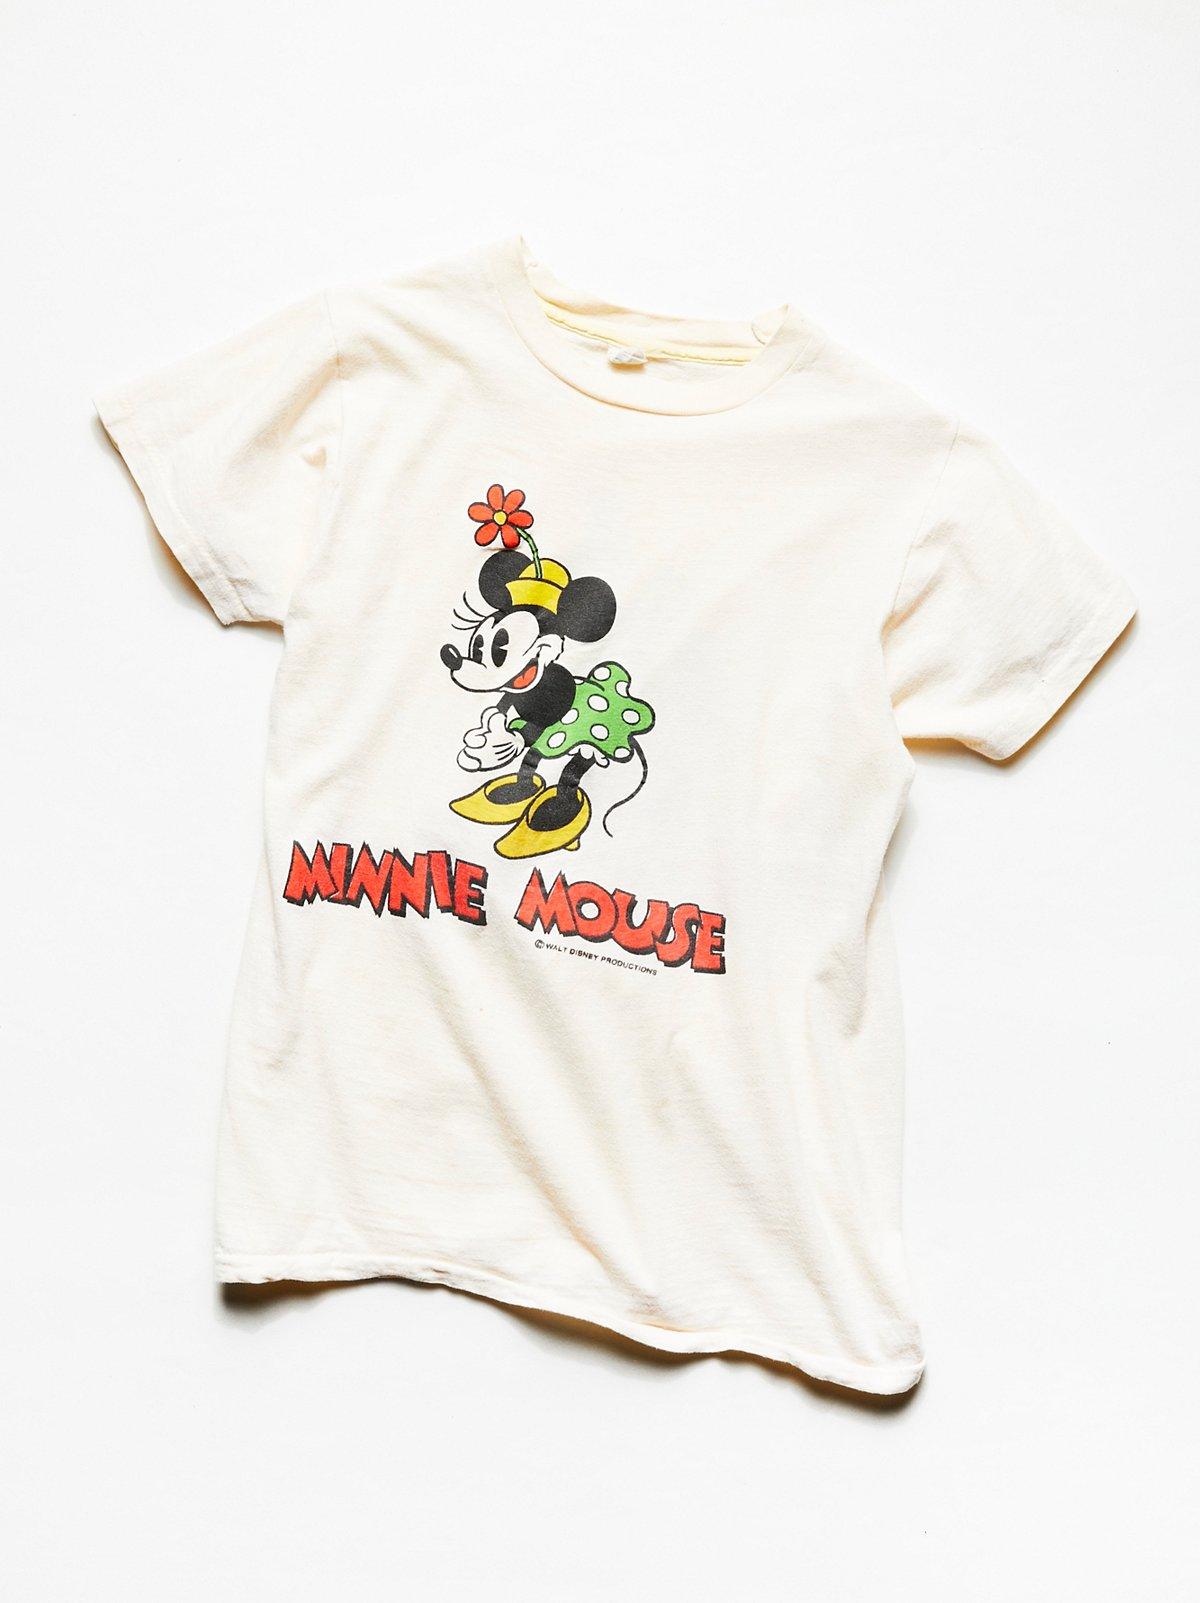 Vintage 1980s Minnie Mouse Tee